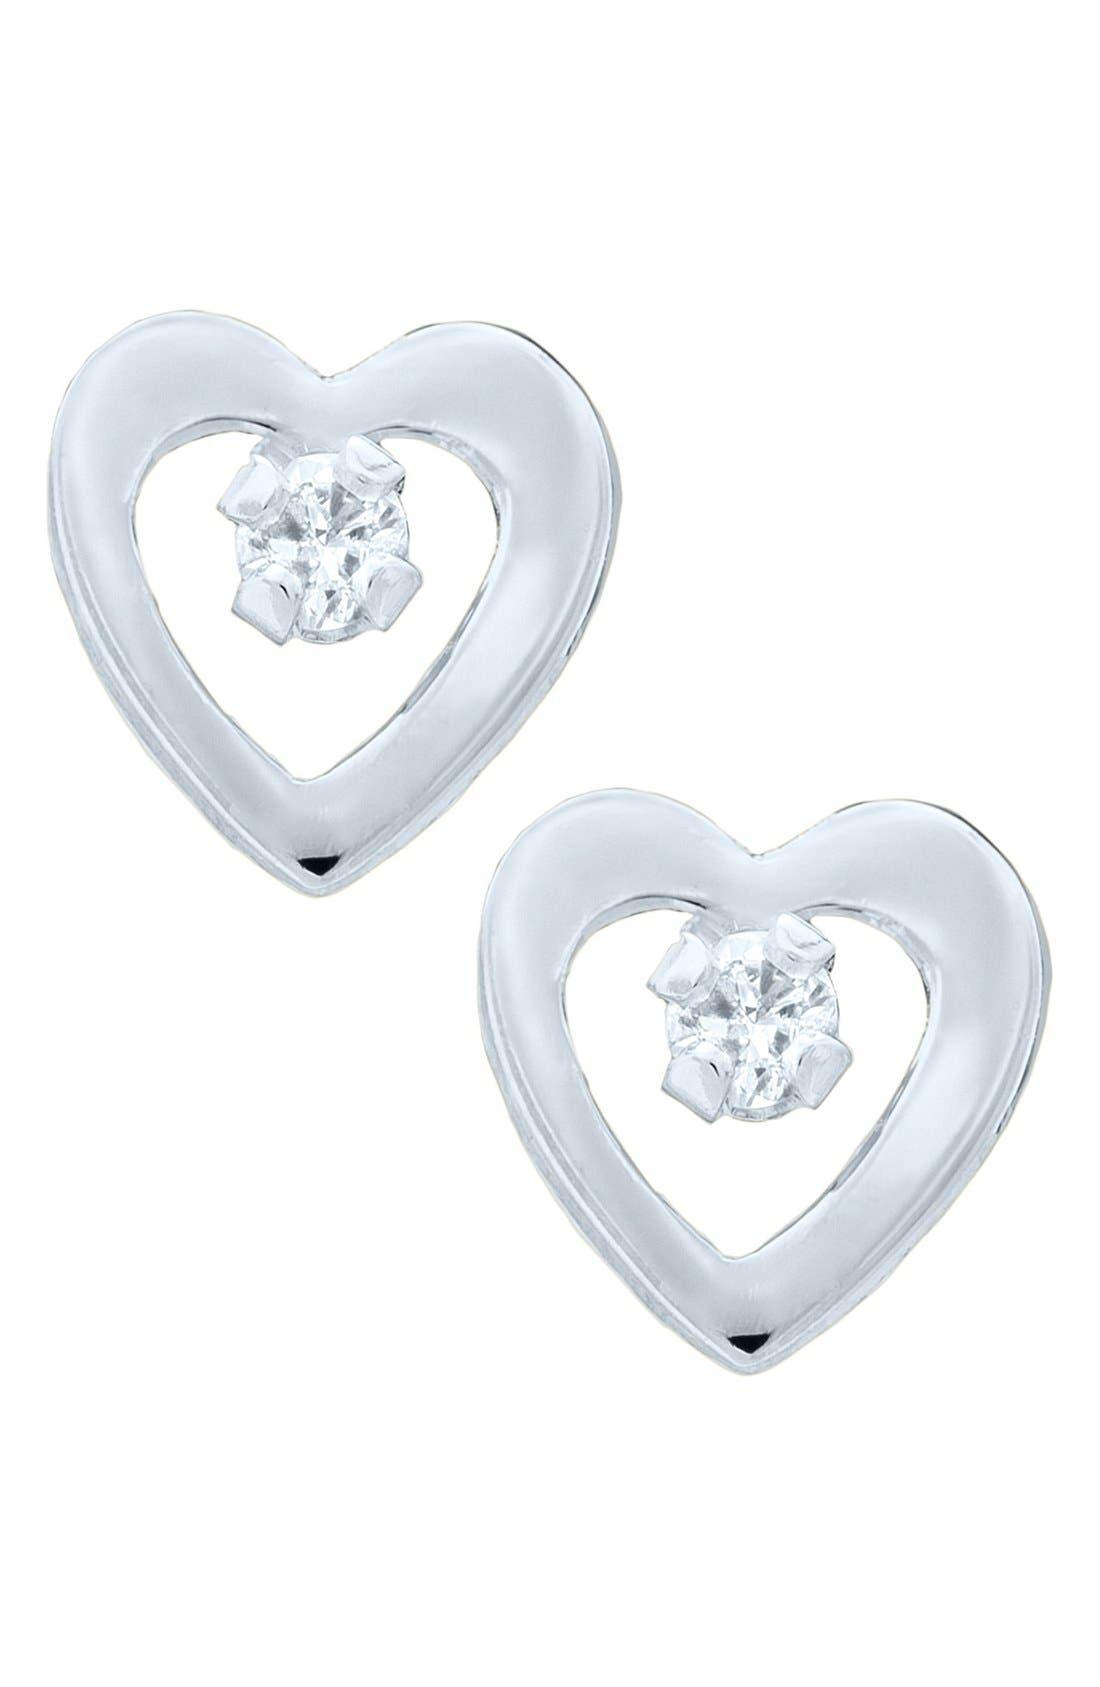 Alternate Image 1 Selected - Mignonette 14k White Gold & Diamond Heart Earrings (Baby Girls)